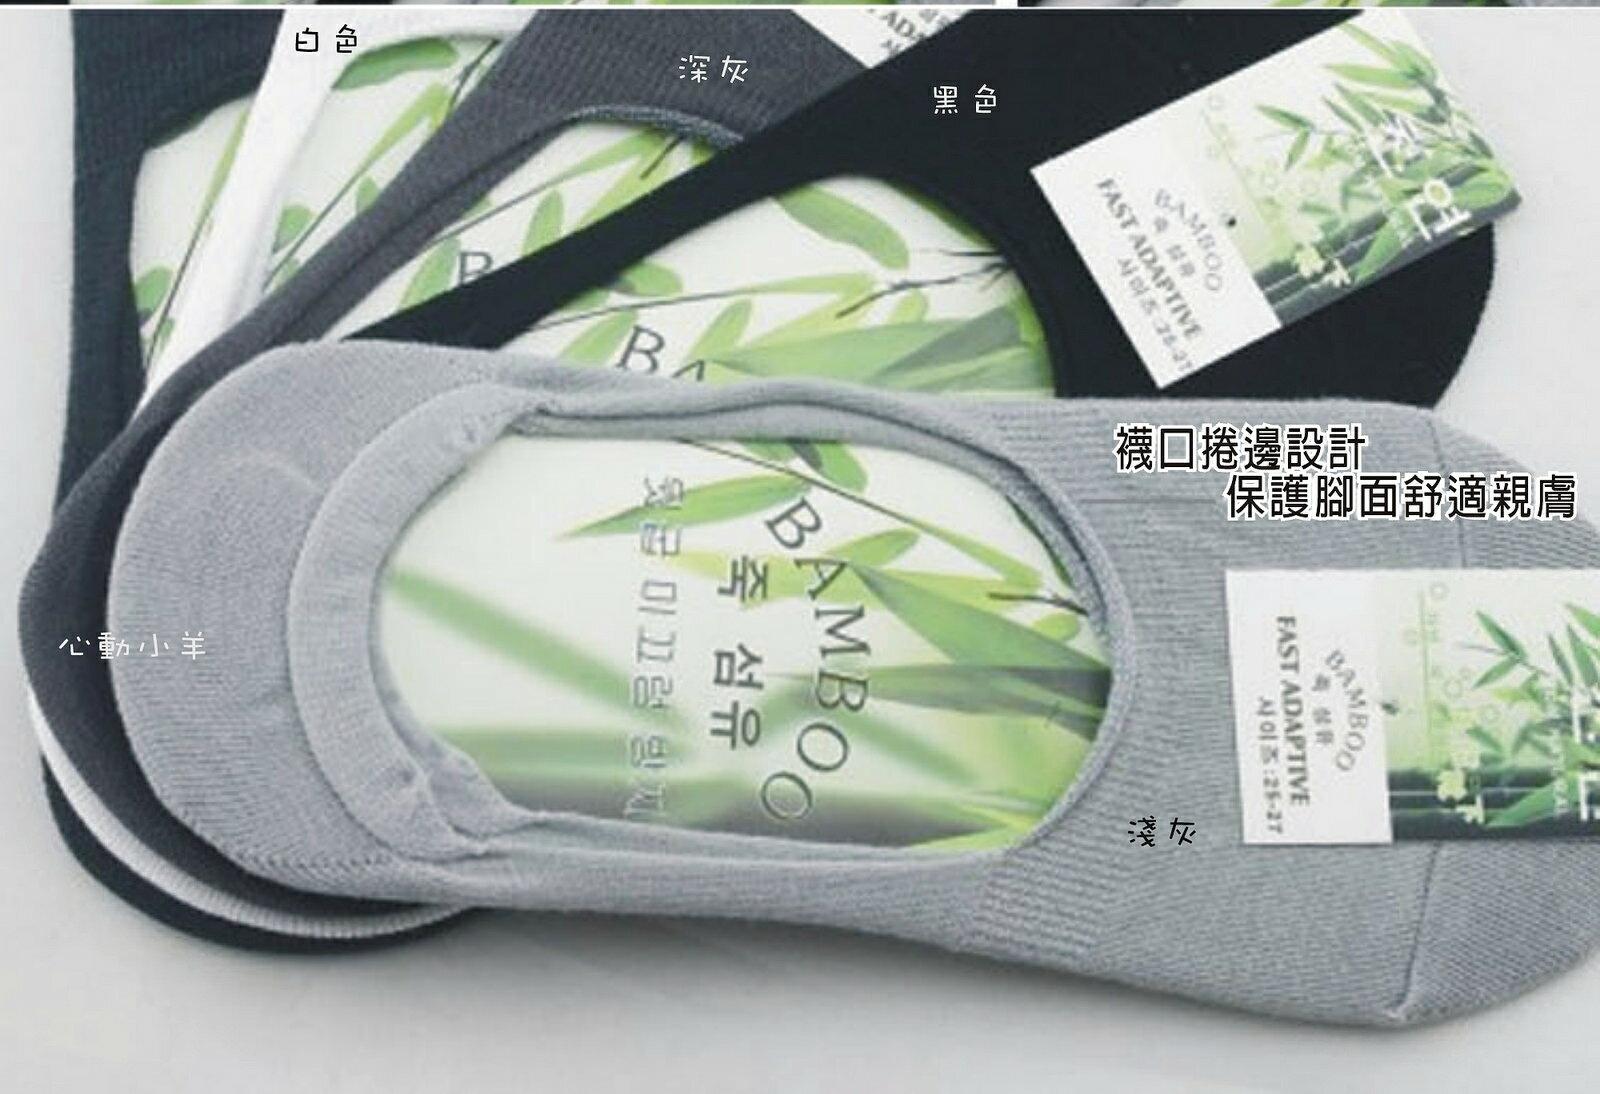 心動小羊^^豆豆鞋竹纖維男襪、隱形襪淺口襪、船襪、運動襪